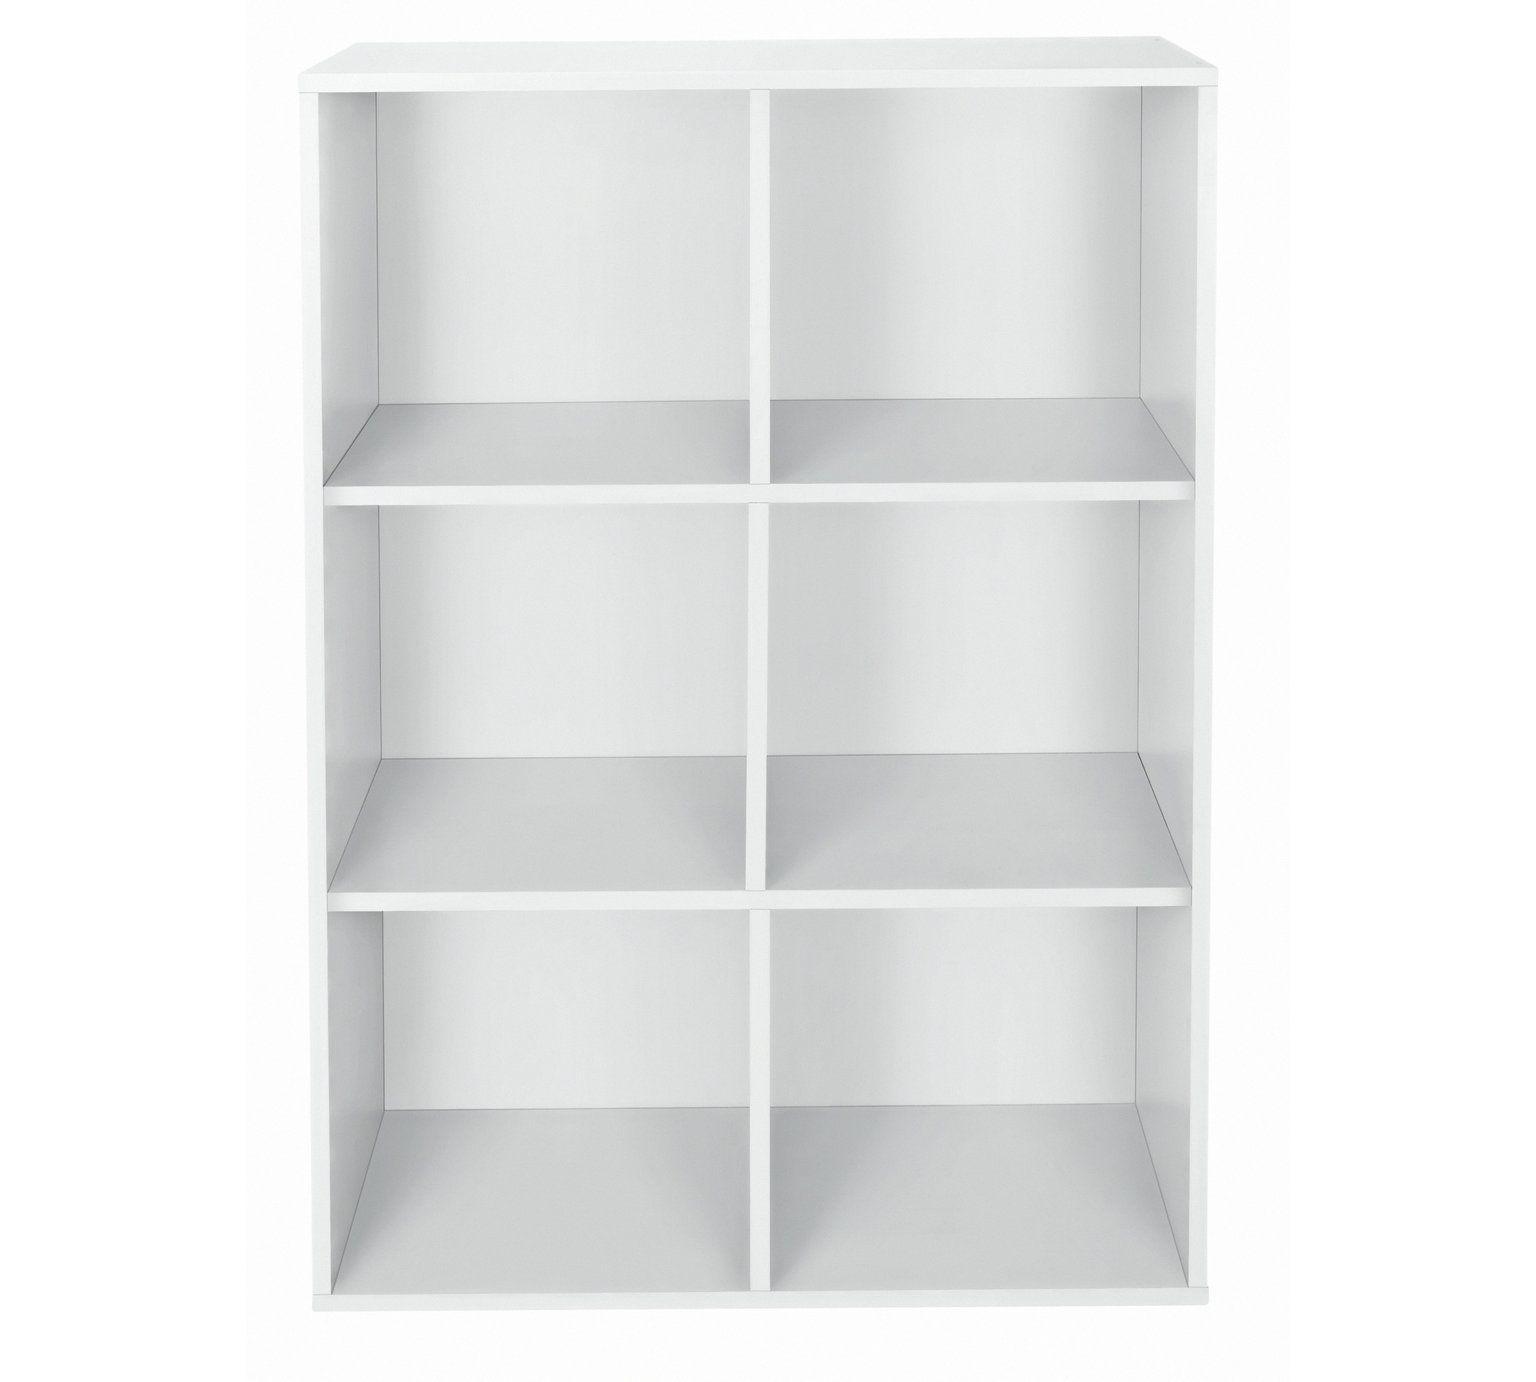 Living Room Storage Units Argos Paint Color Palettes For Buy Home Phoenix 6 Cube Unit White At Co Uk Visit